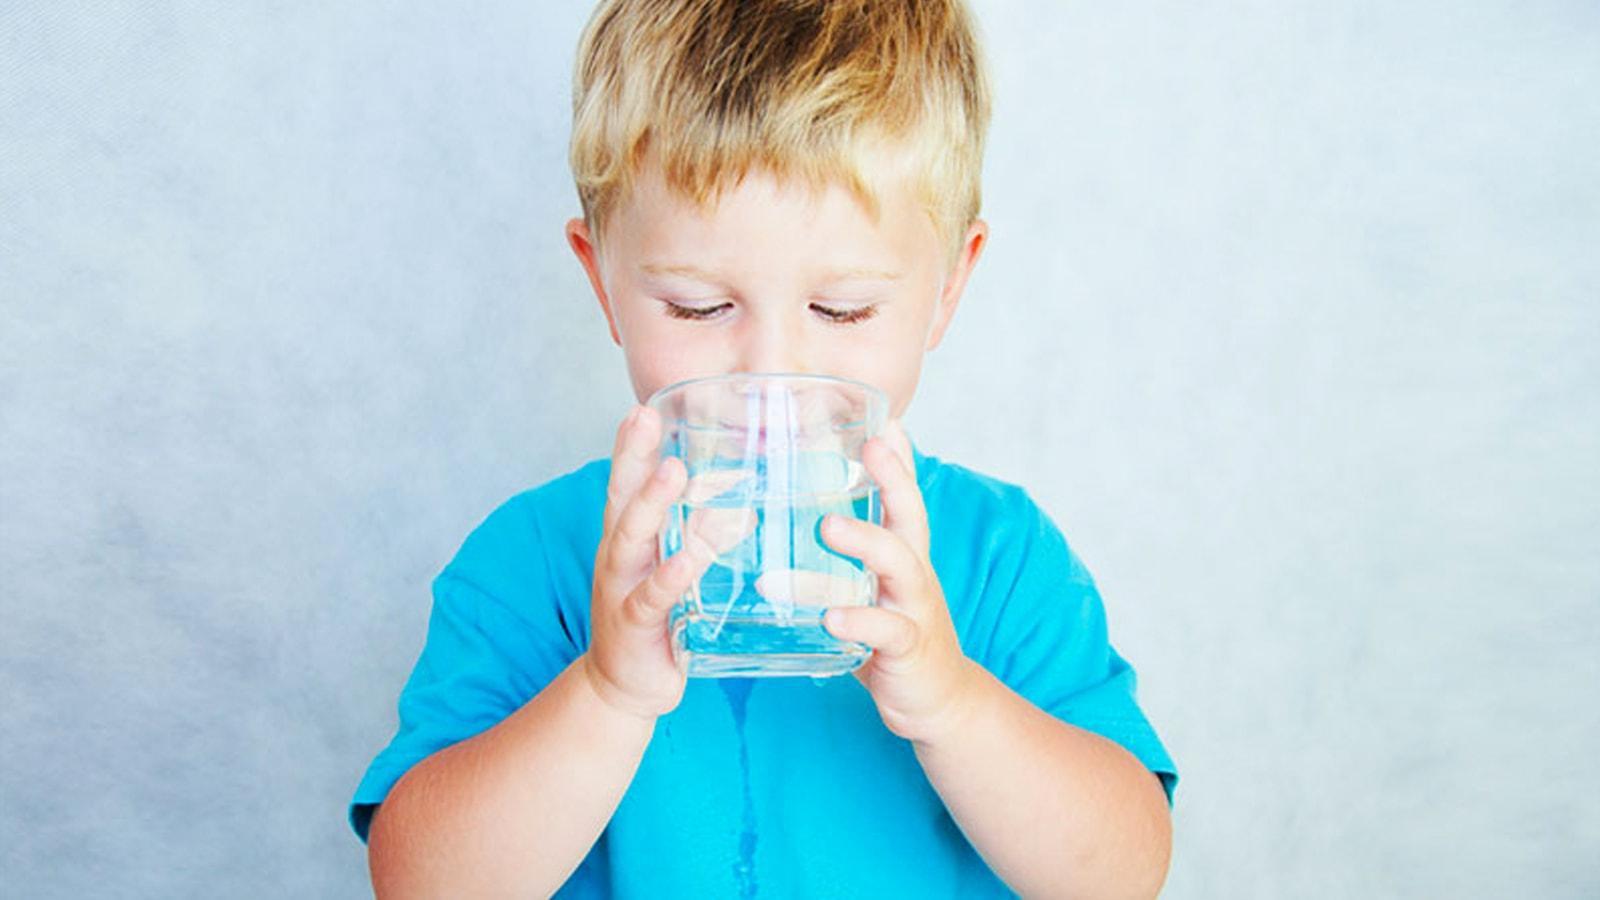 Sağlıklı Suyun Çocukların Gelişimine ve Sağlığına Etkisi Nedir?